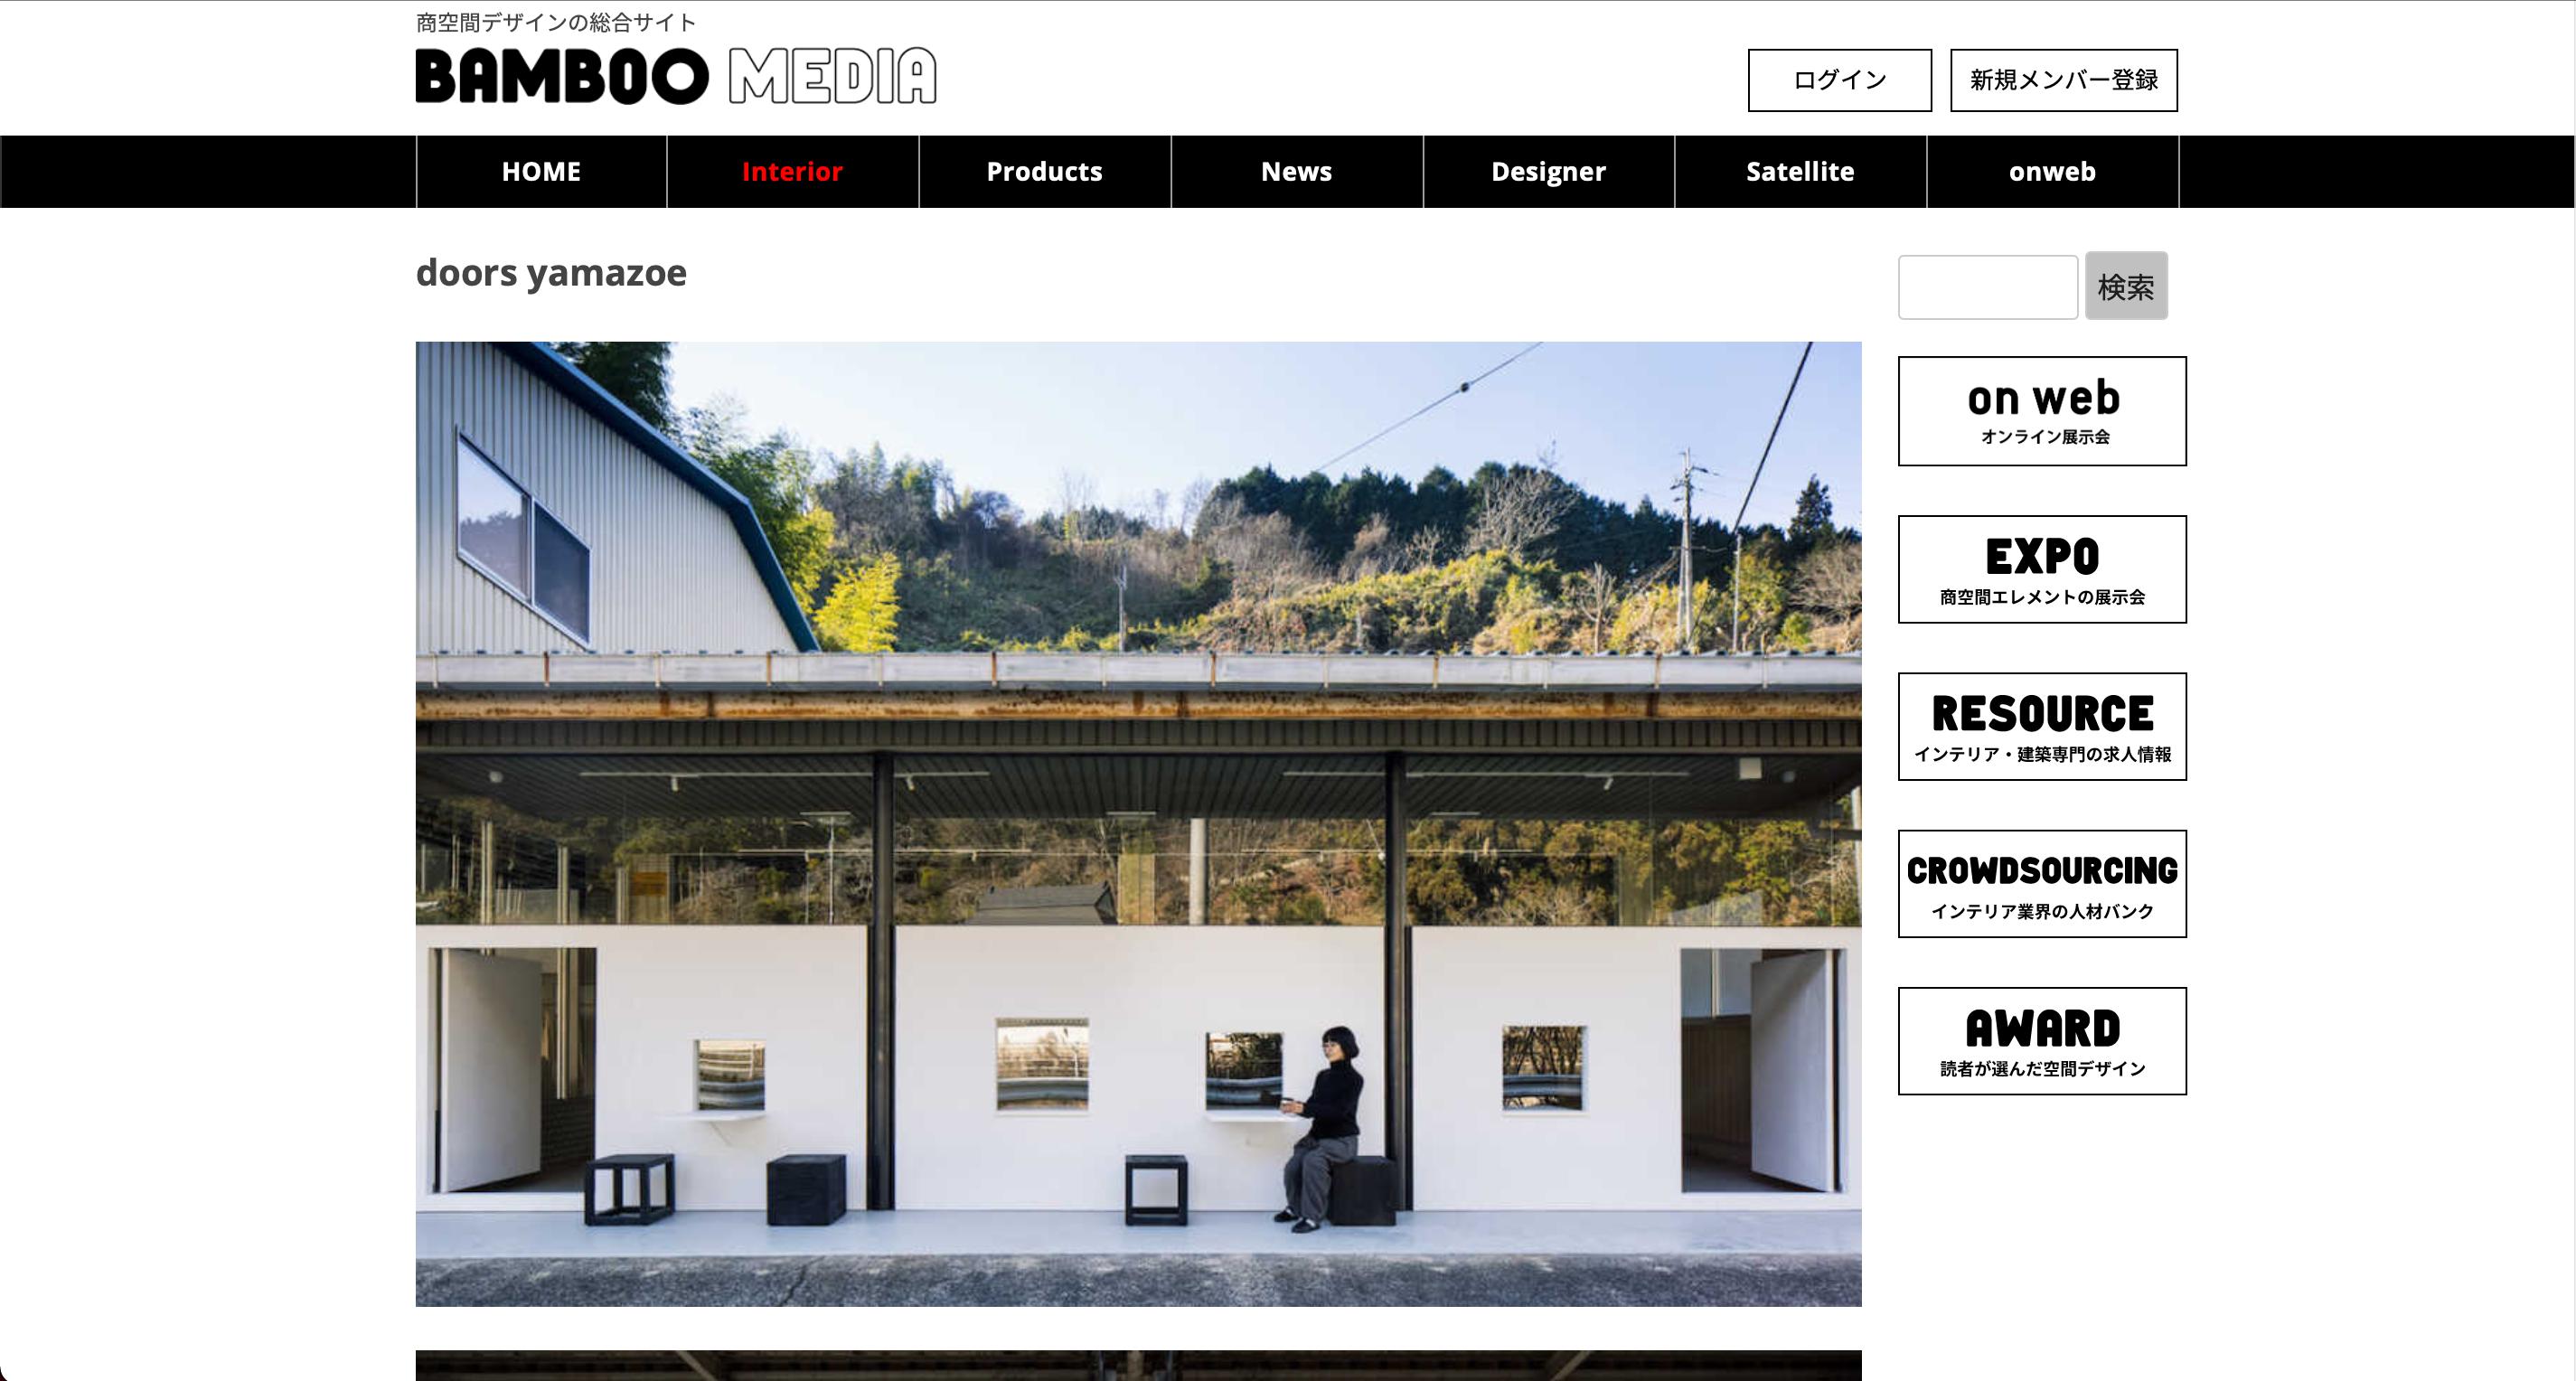 [掲載情報]商空間デザインの総合サイト「BAMBOO MEDIA」